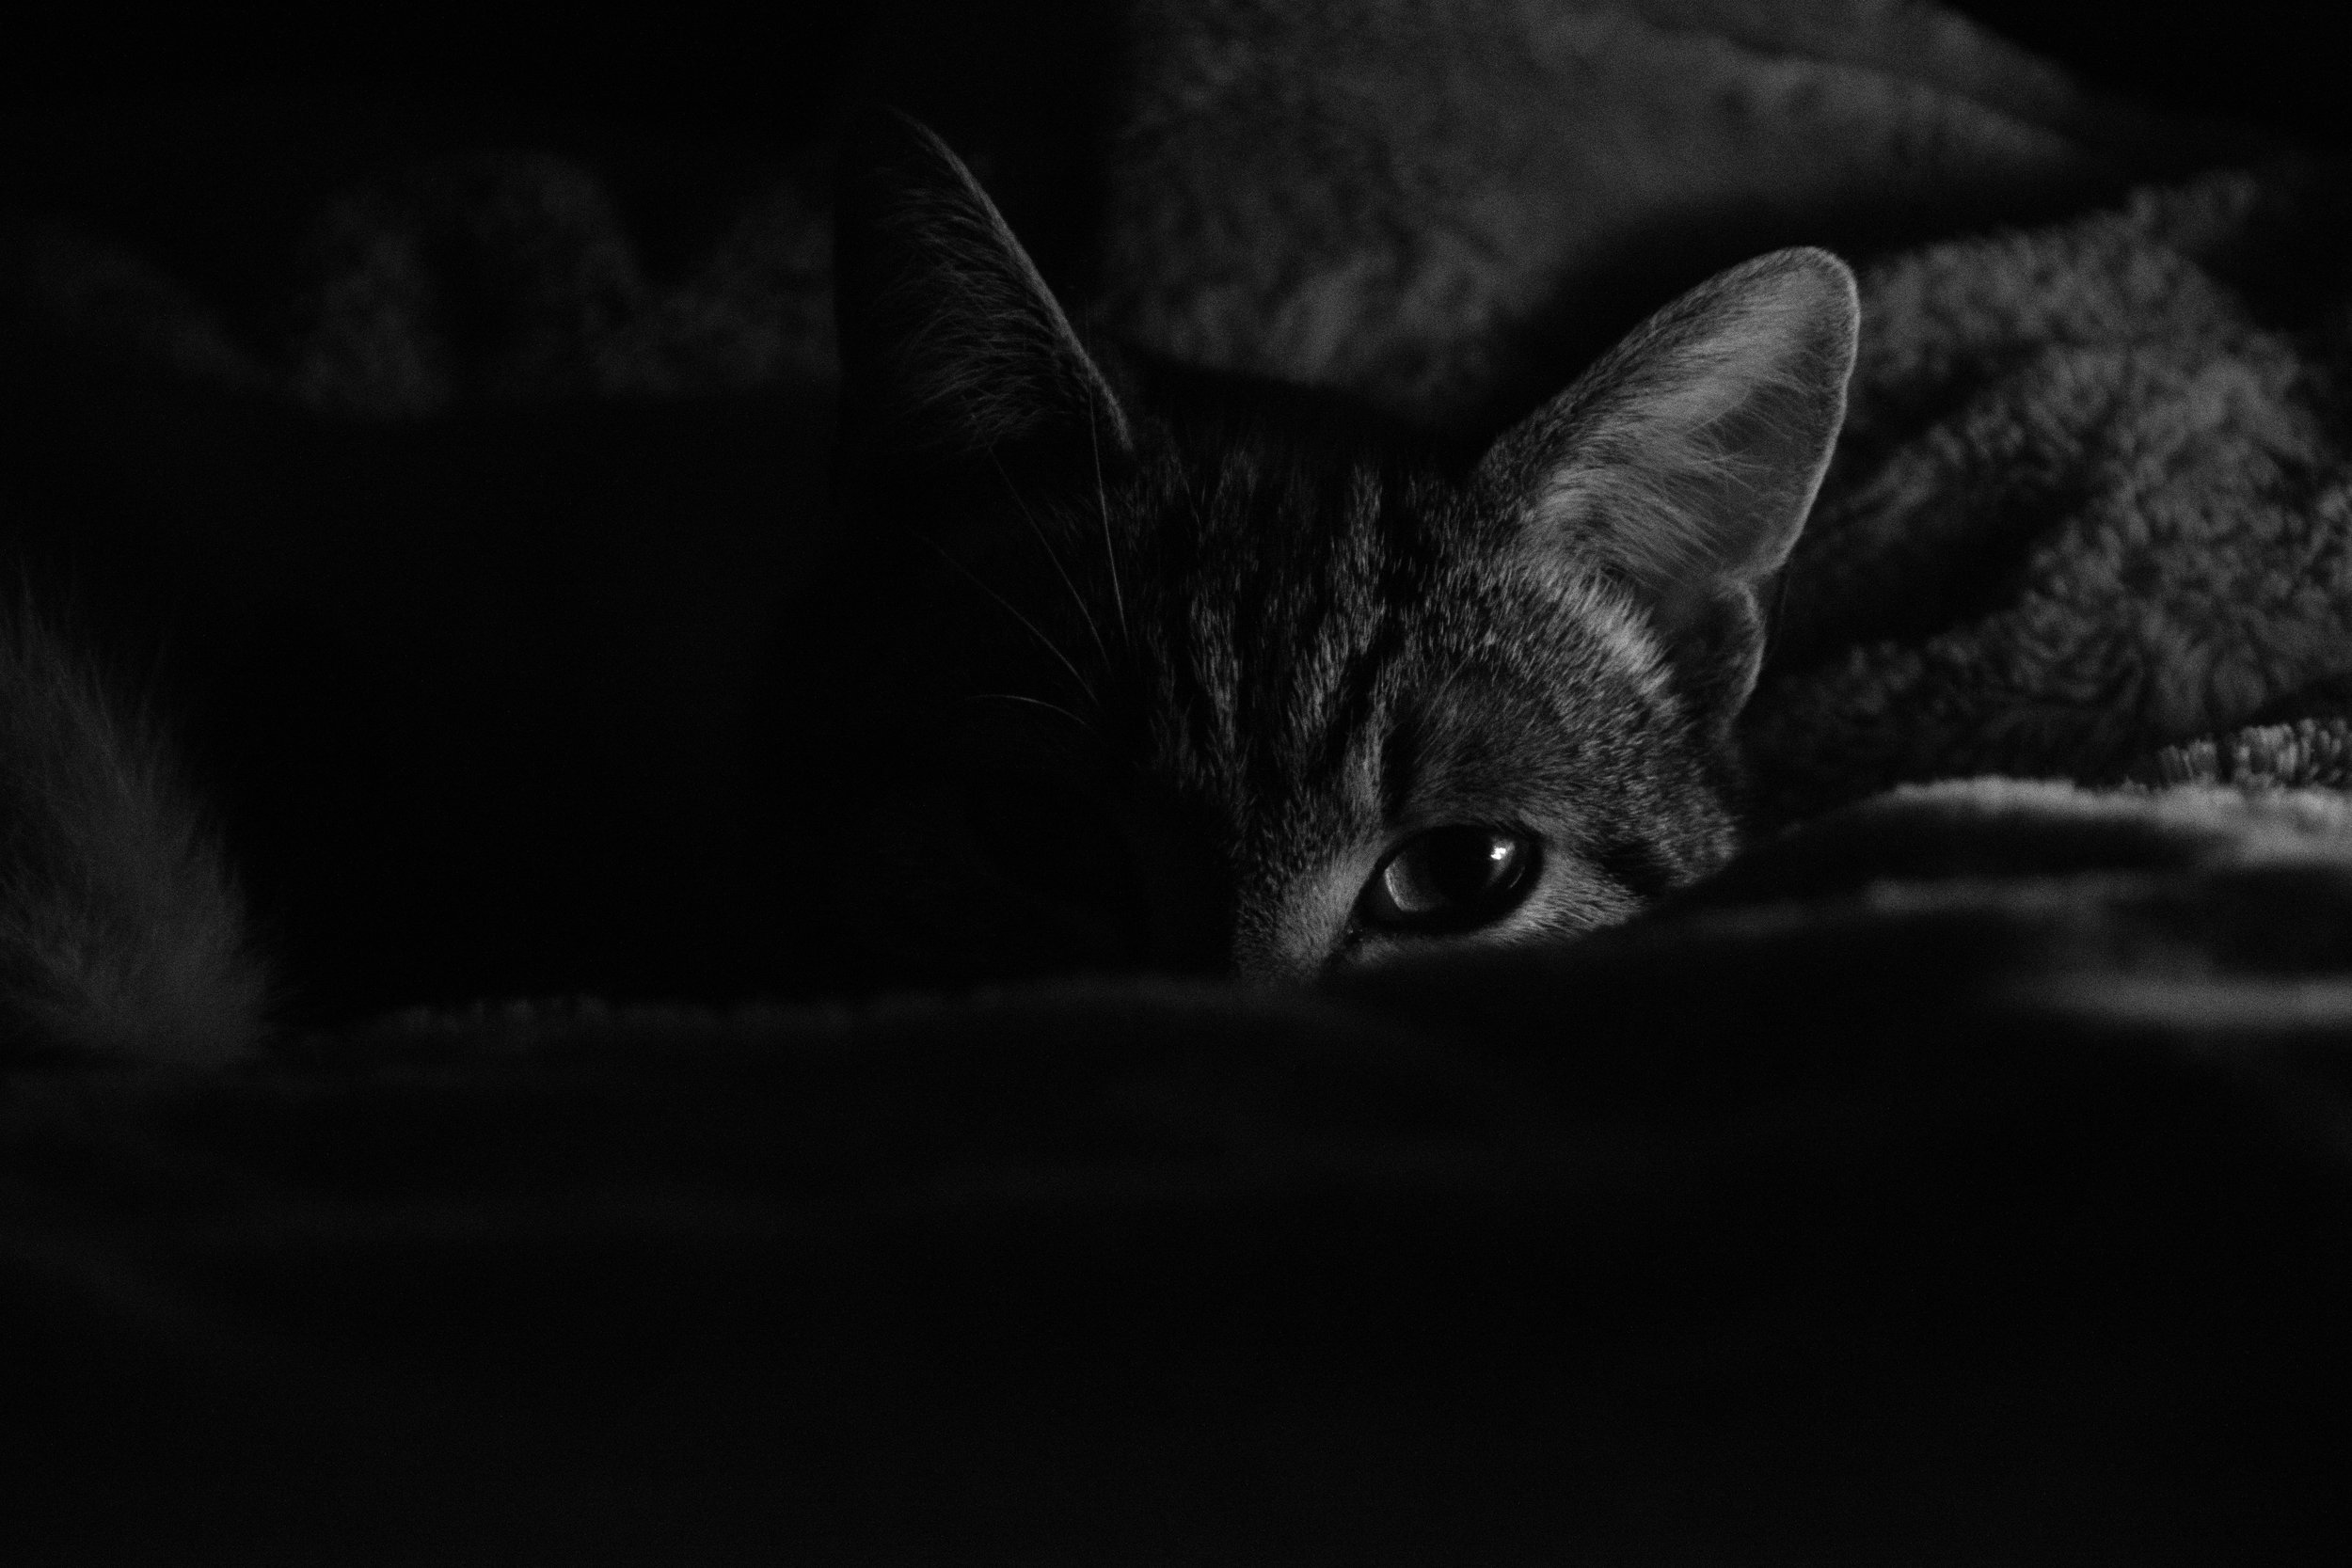 cat photography, pet portrait, pet portraiture, cat, pet photo, cat photographer